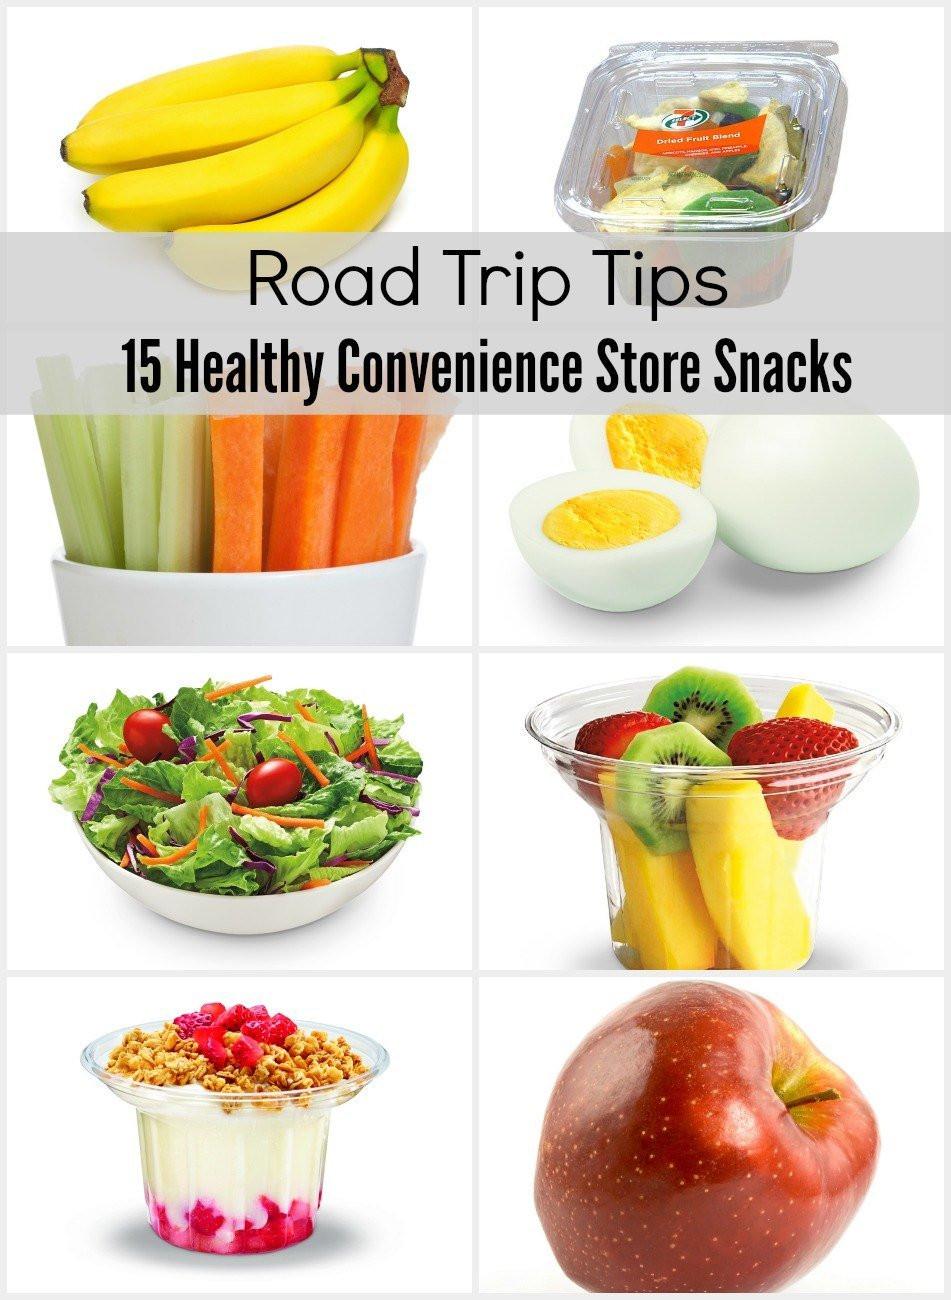 Road Trip Snacks Healthy  15 Healthy Convenience Store Snacks for a Road Trip La